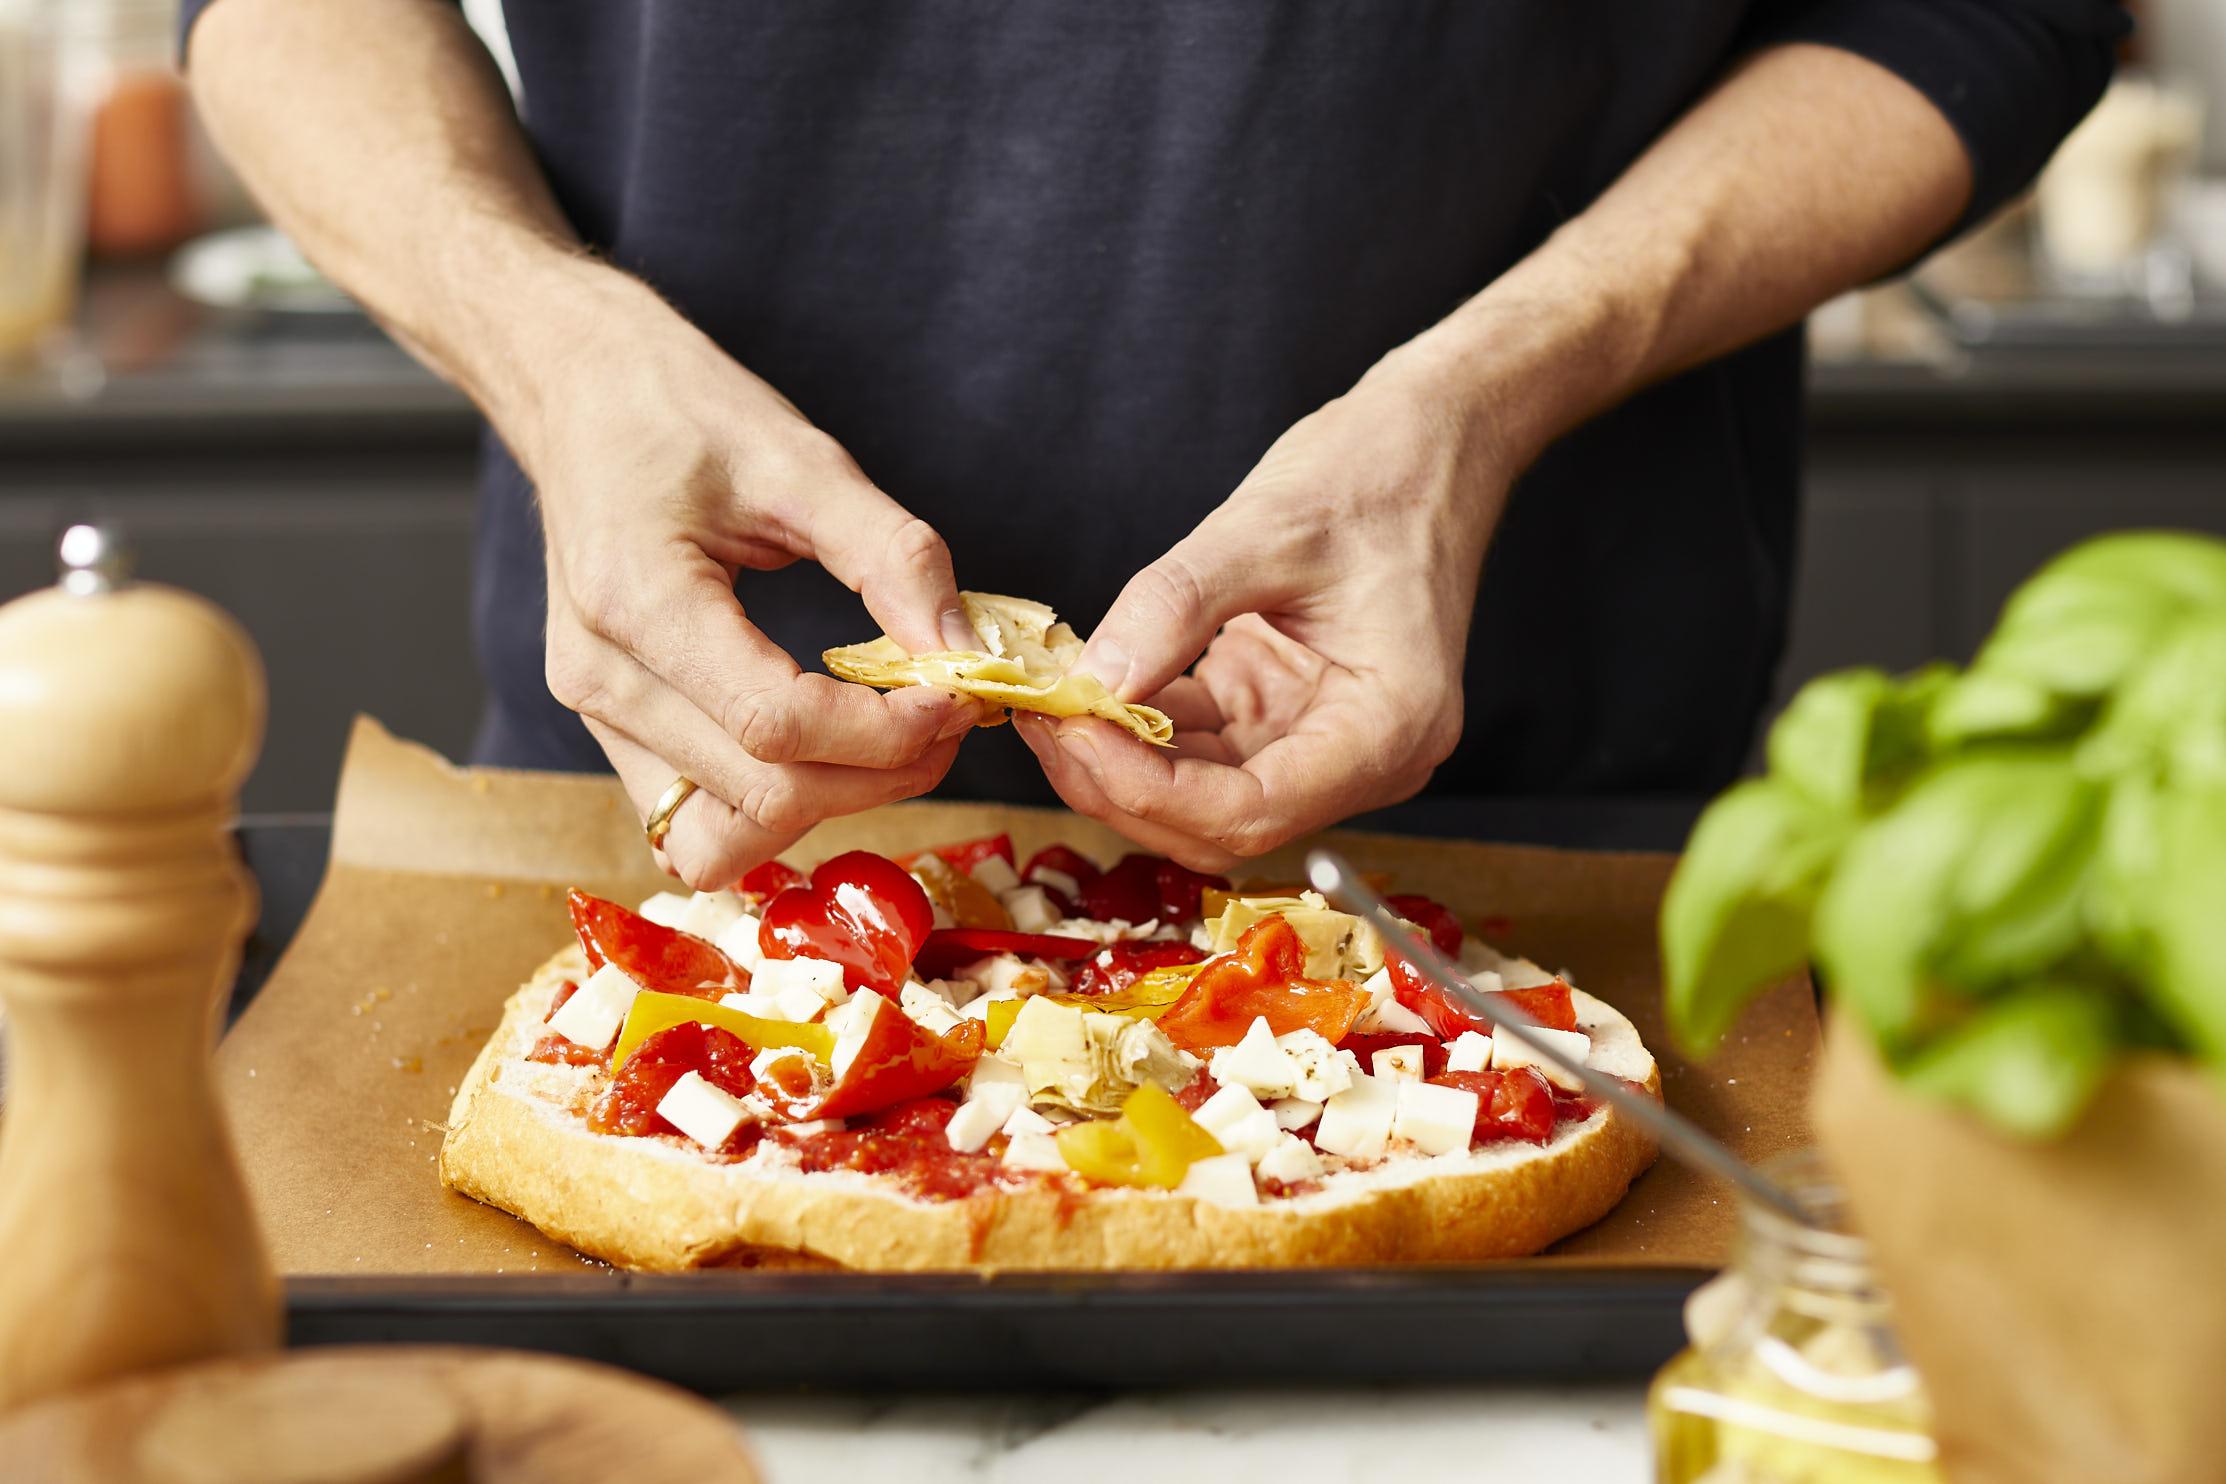 halloumi-pizza-fladenbrot-